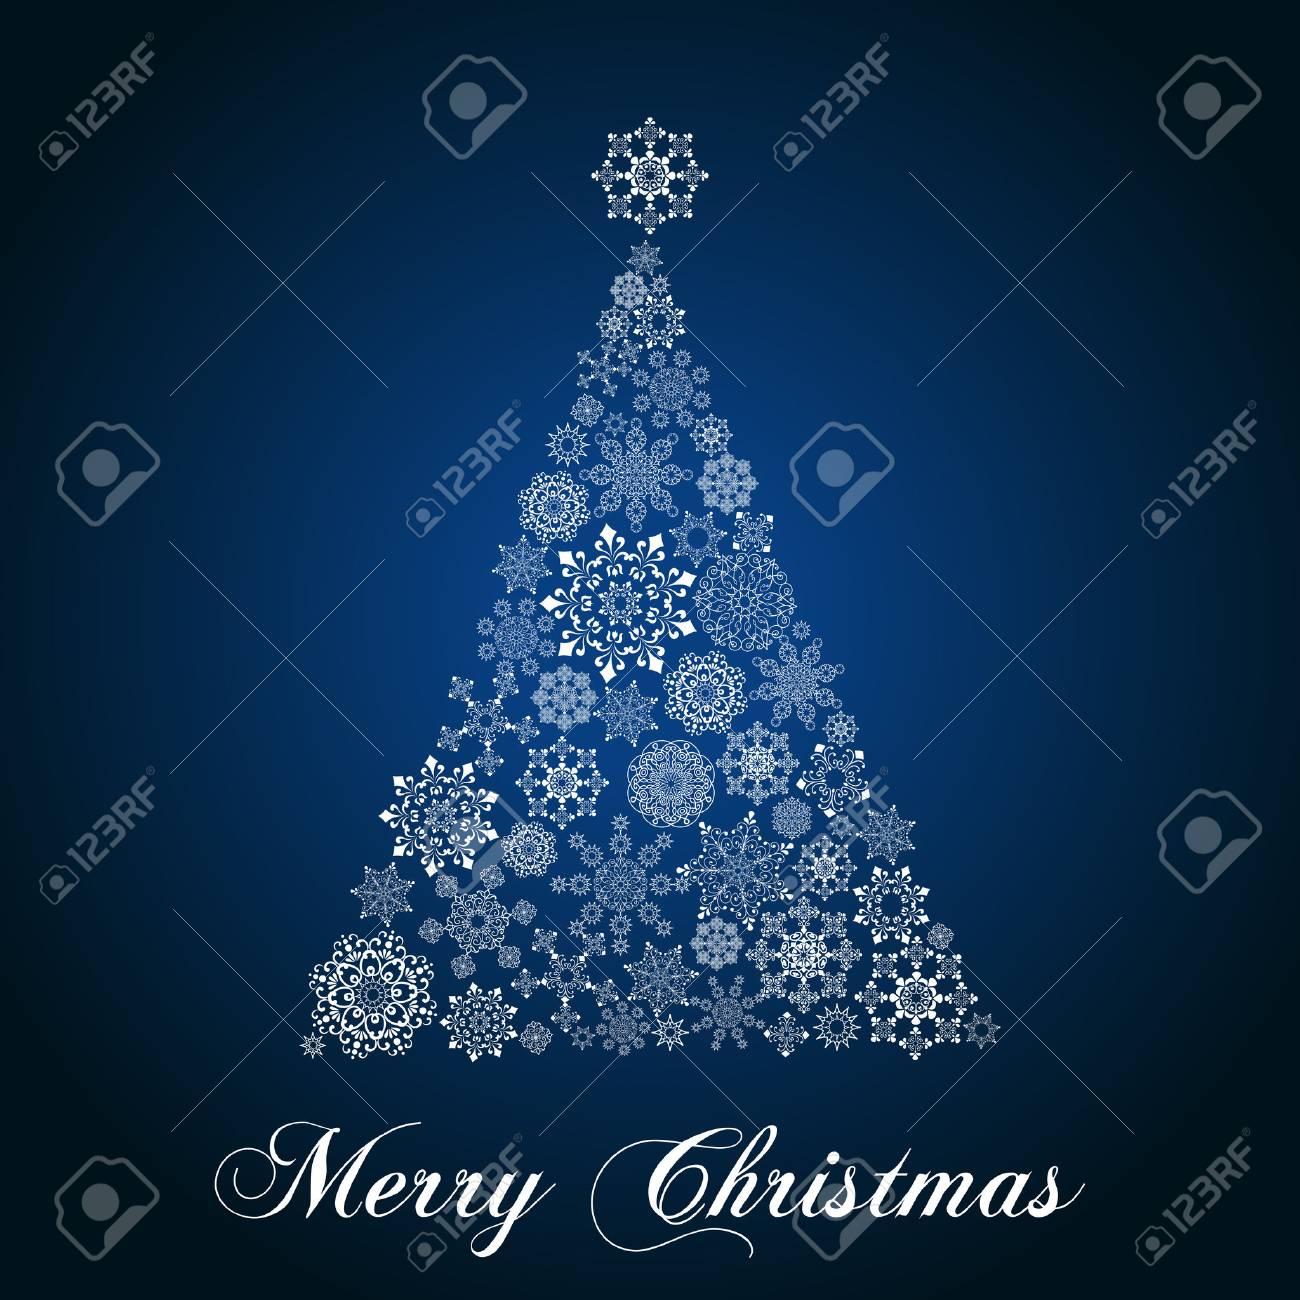 Disegni Di Natale Vettoriali.Fiocco Di Neve Albero Di Natale Albero Di Natale Disegno Su Sfondo Sfumato Ogni Fiocco Di Neve E Raggruppato Individualmente Per Un Facile